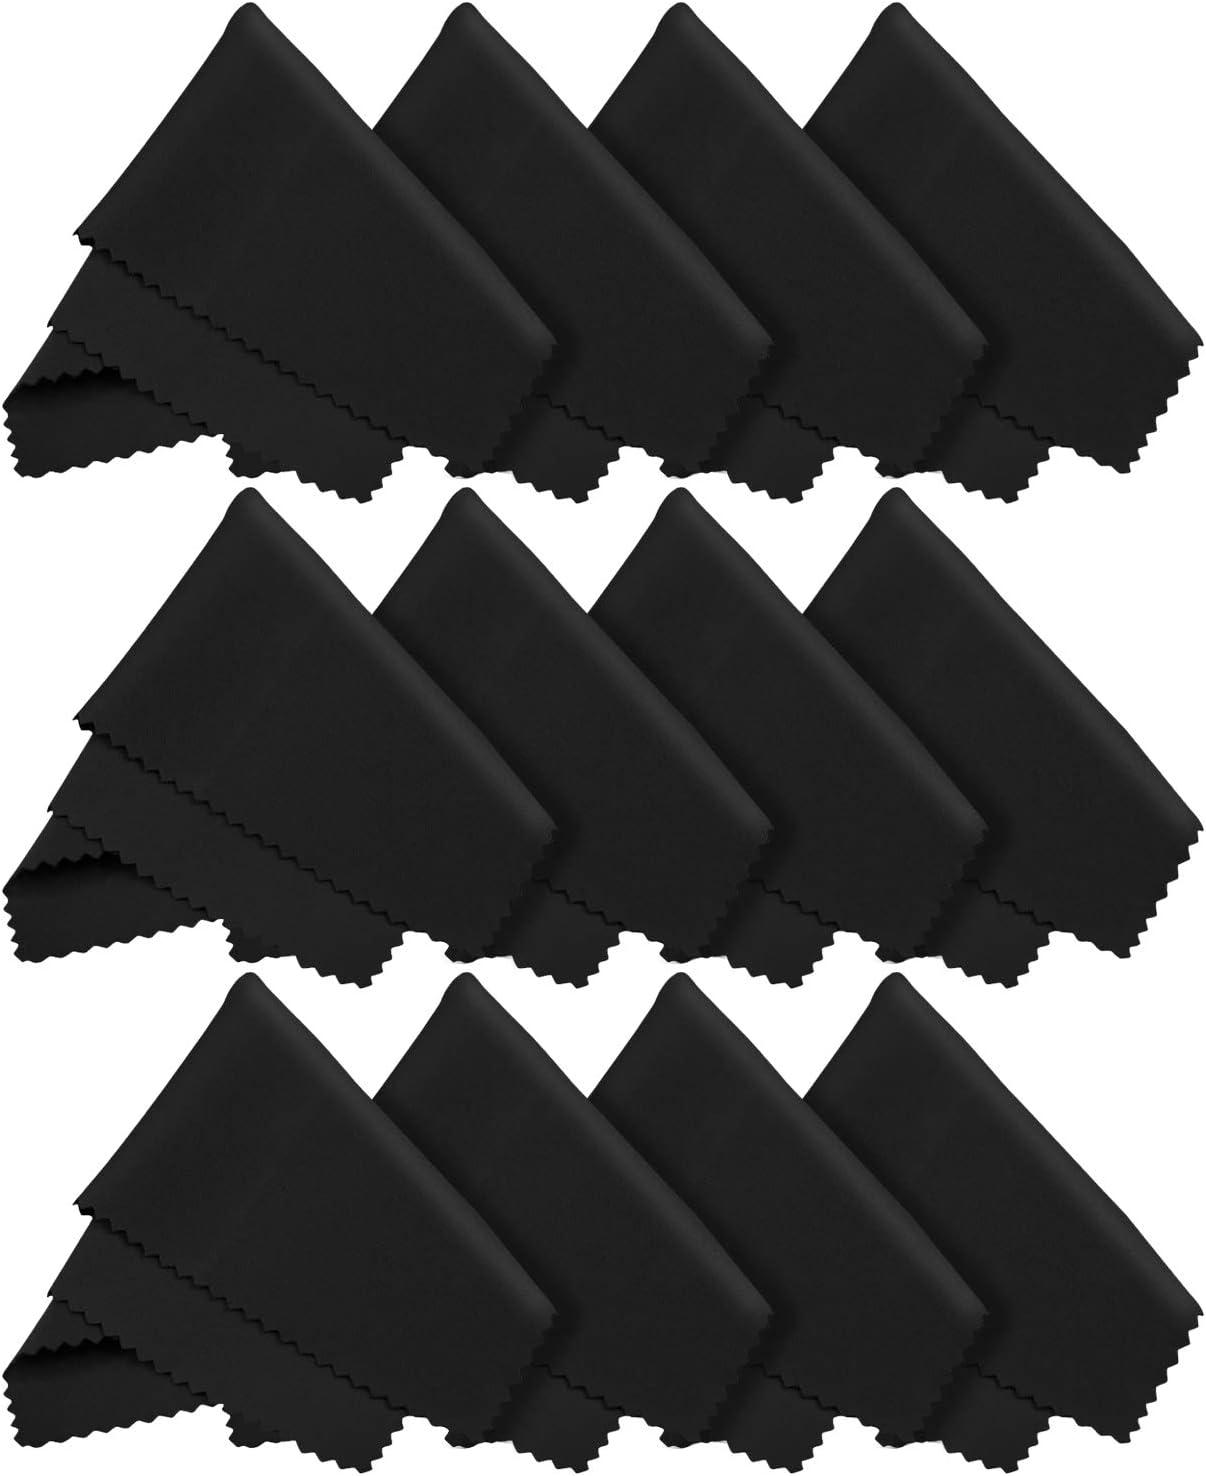 12x Letsswipethat Mikrofasertücher 20x20 Cm Mikrofaser Brillenputztuch Kamera Objektiv Microfaser Reinigungstücher Lcd Led Tv Bildschirm Microfasertuch Reinigung Laptop Pc Display Reiniger Tuch Bürobedarf Schreibwaren